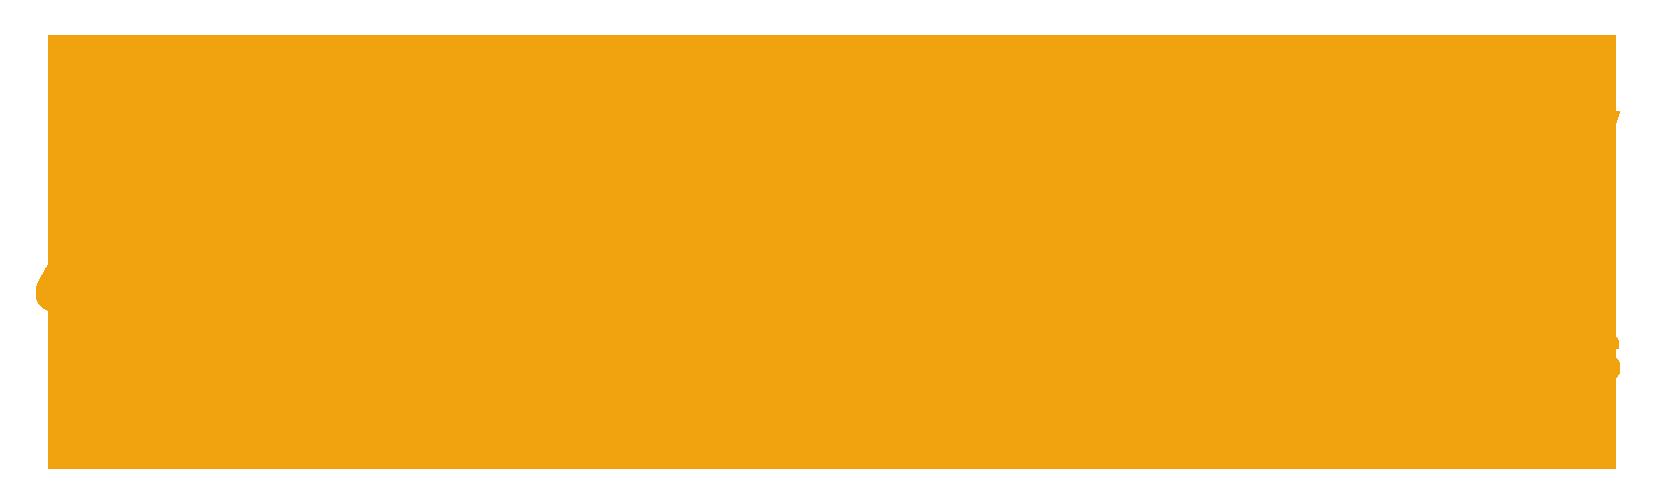 Avery&Avery